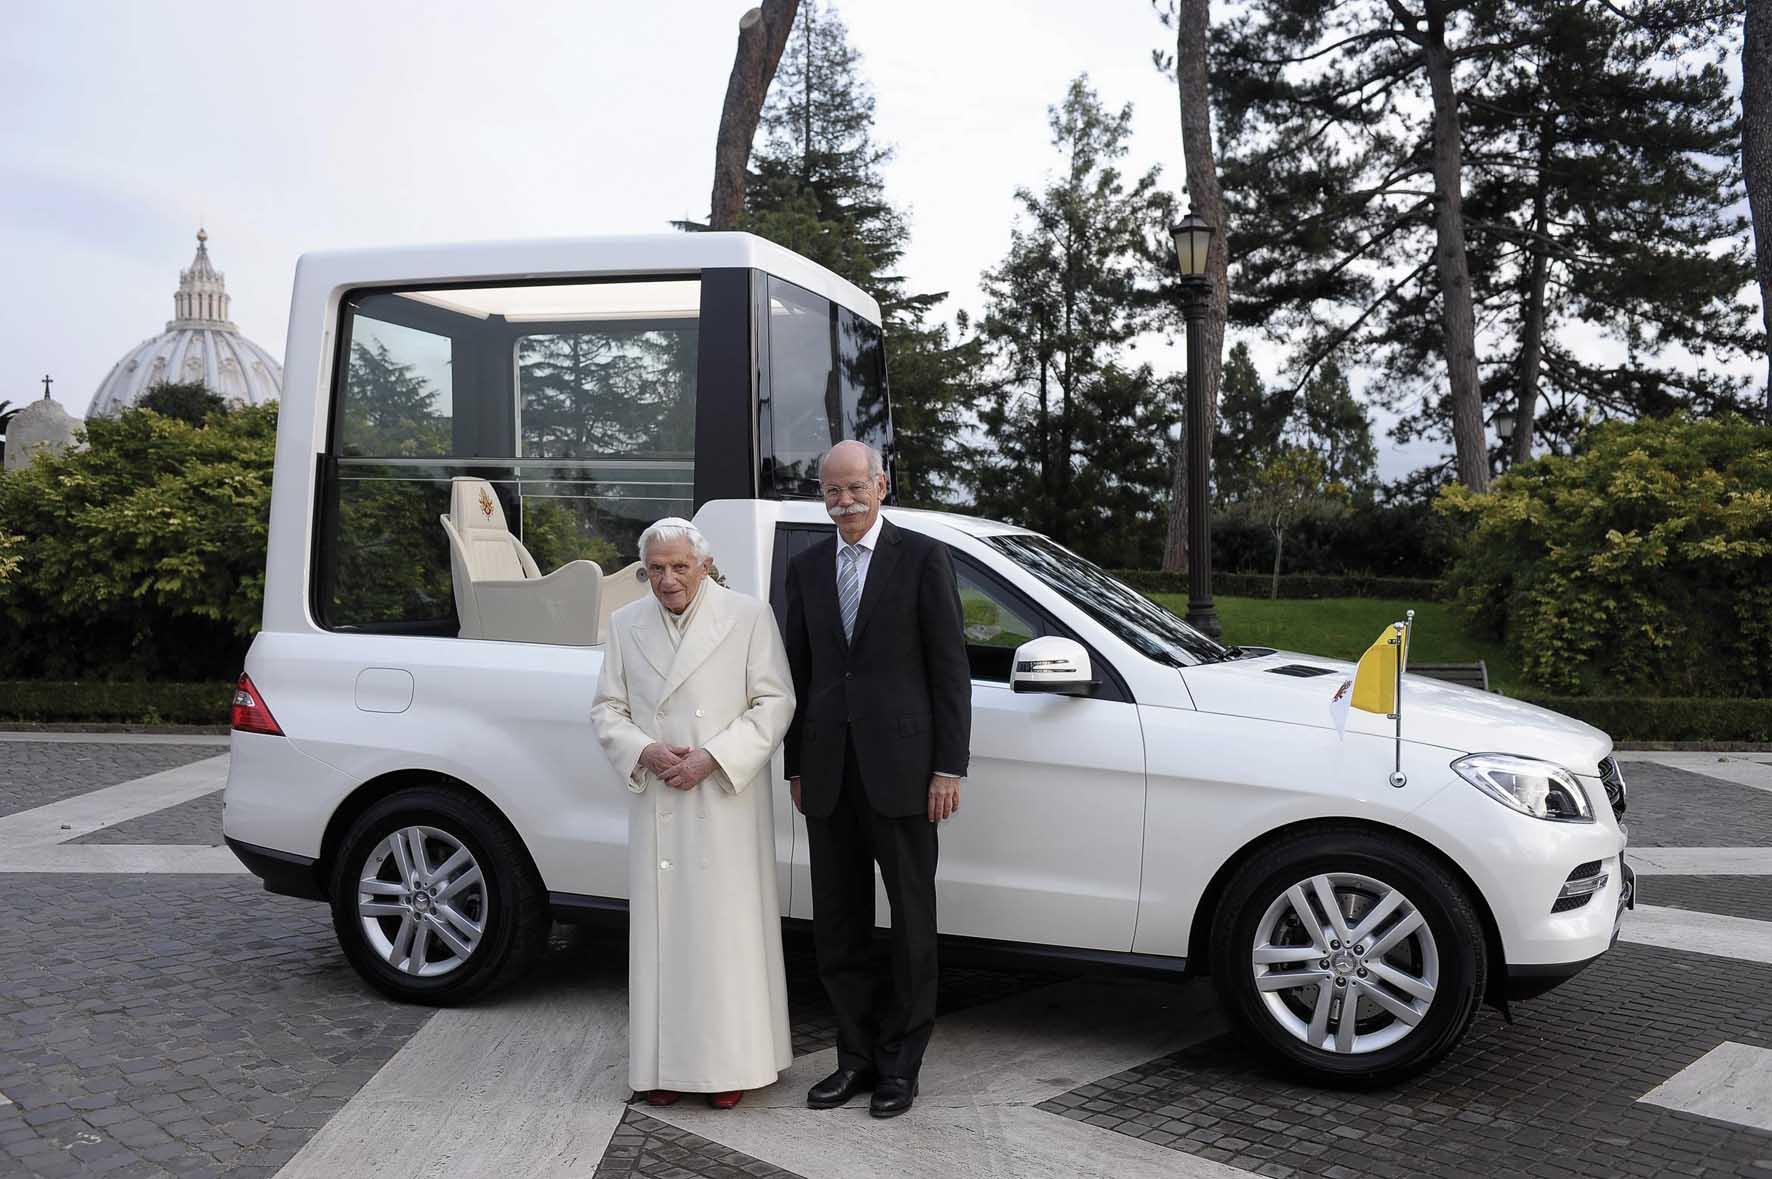 Mercedes nuova papamobile Benedetto XVI e Dieter Zetsche 4 1